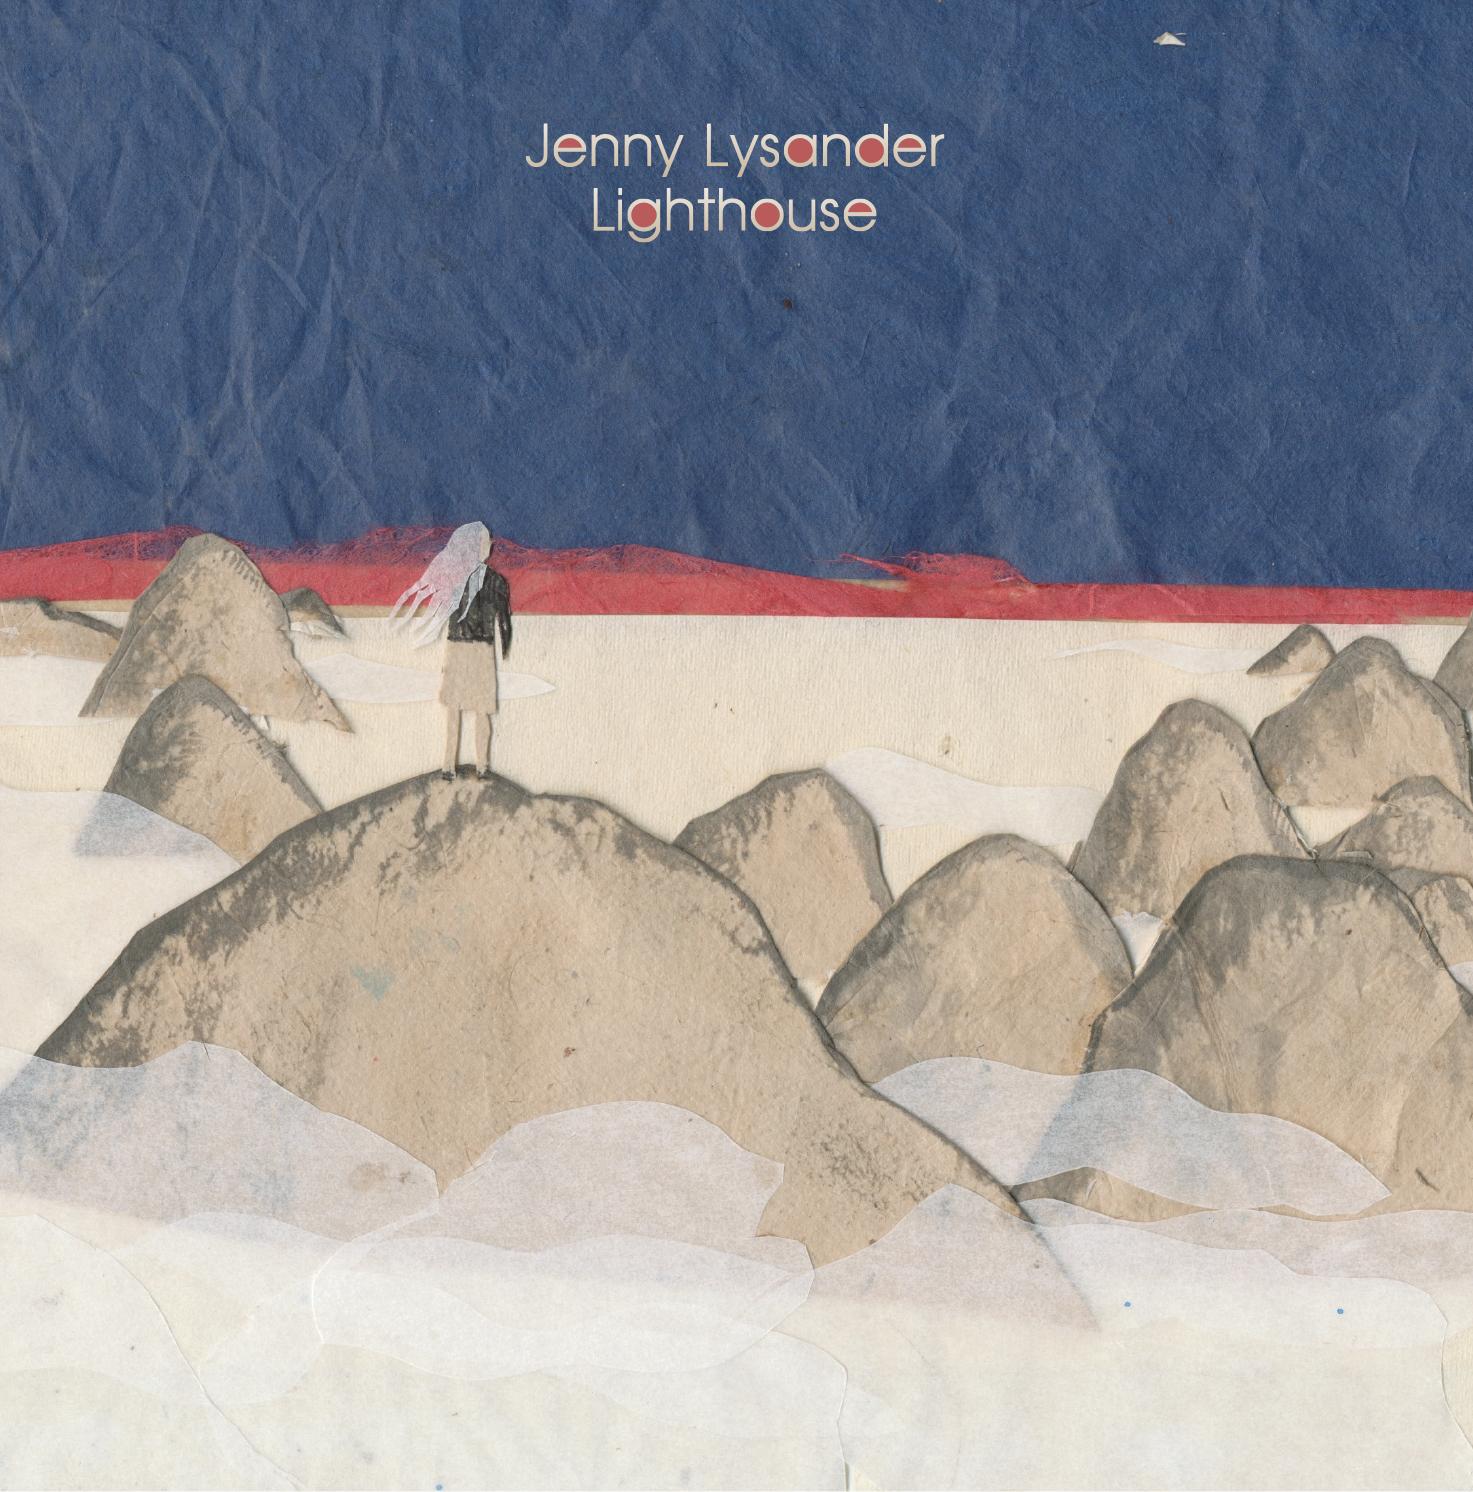 JENNY EP Lighthouse